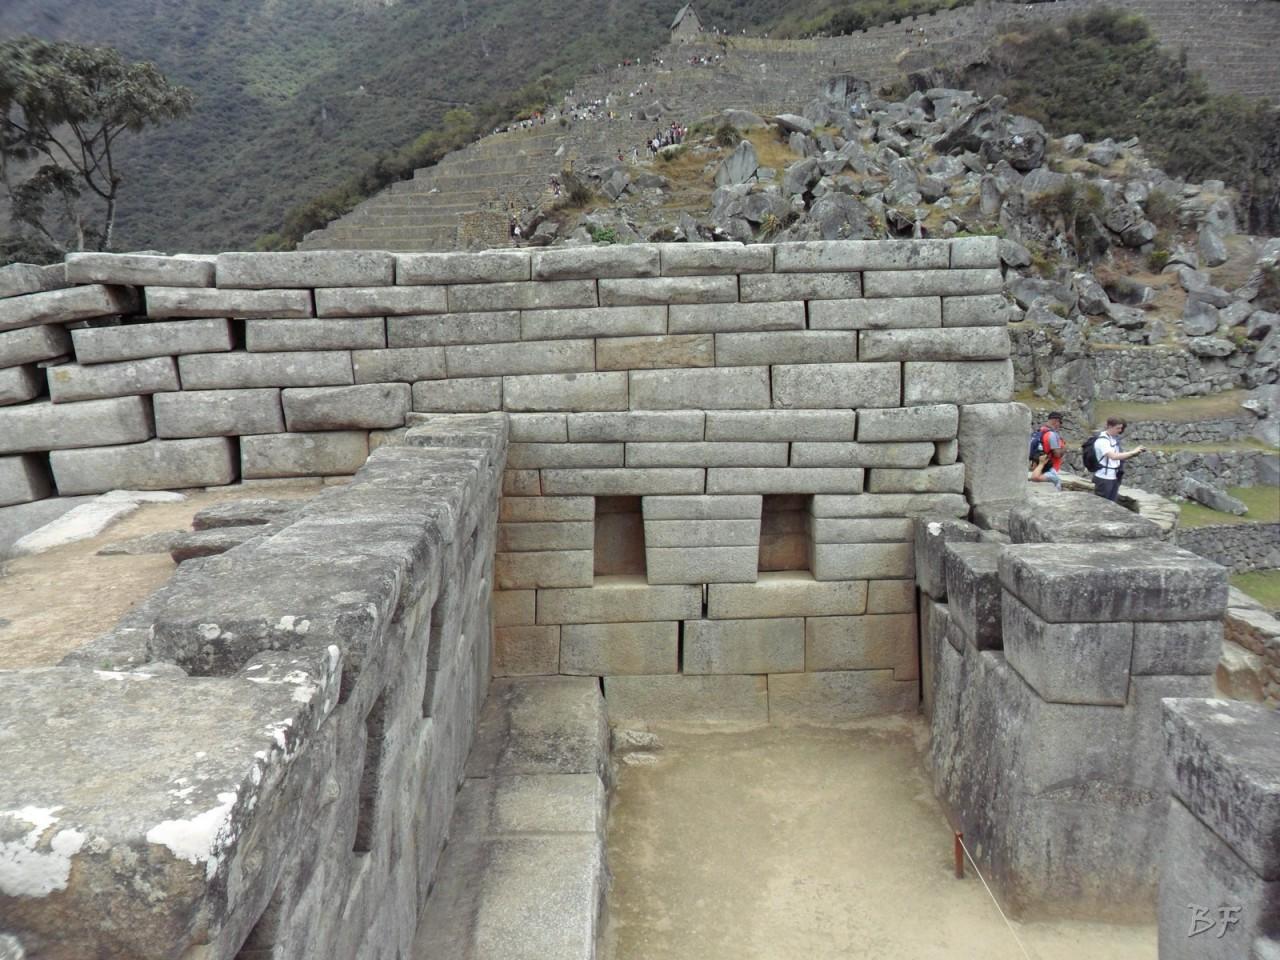 Mura-Poligonali-Incisioni-Altari-Edifici-Rupestri-Megaliti-Machu-Picchu-Aguas-Calientes-Urubamba-Cusco-Perù-114